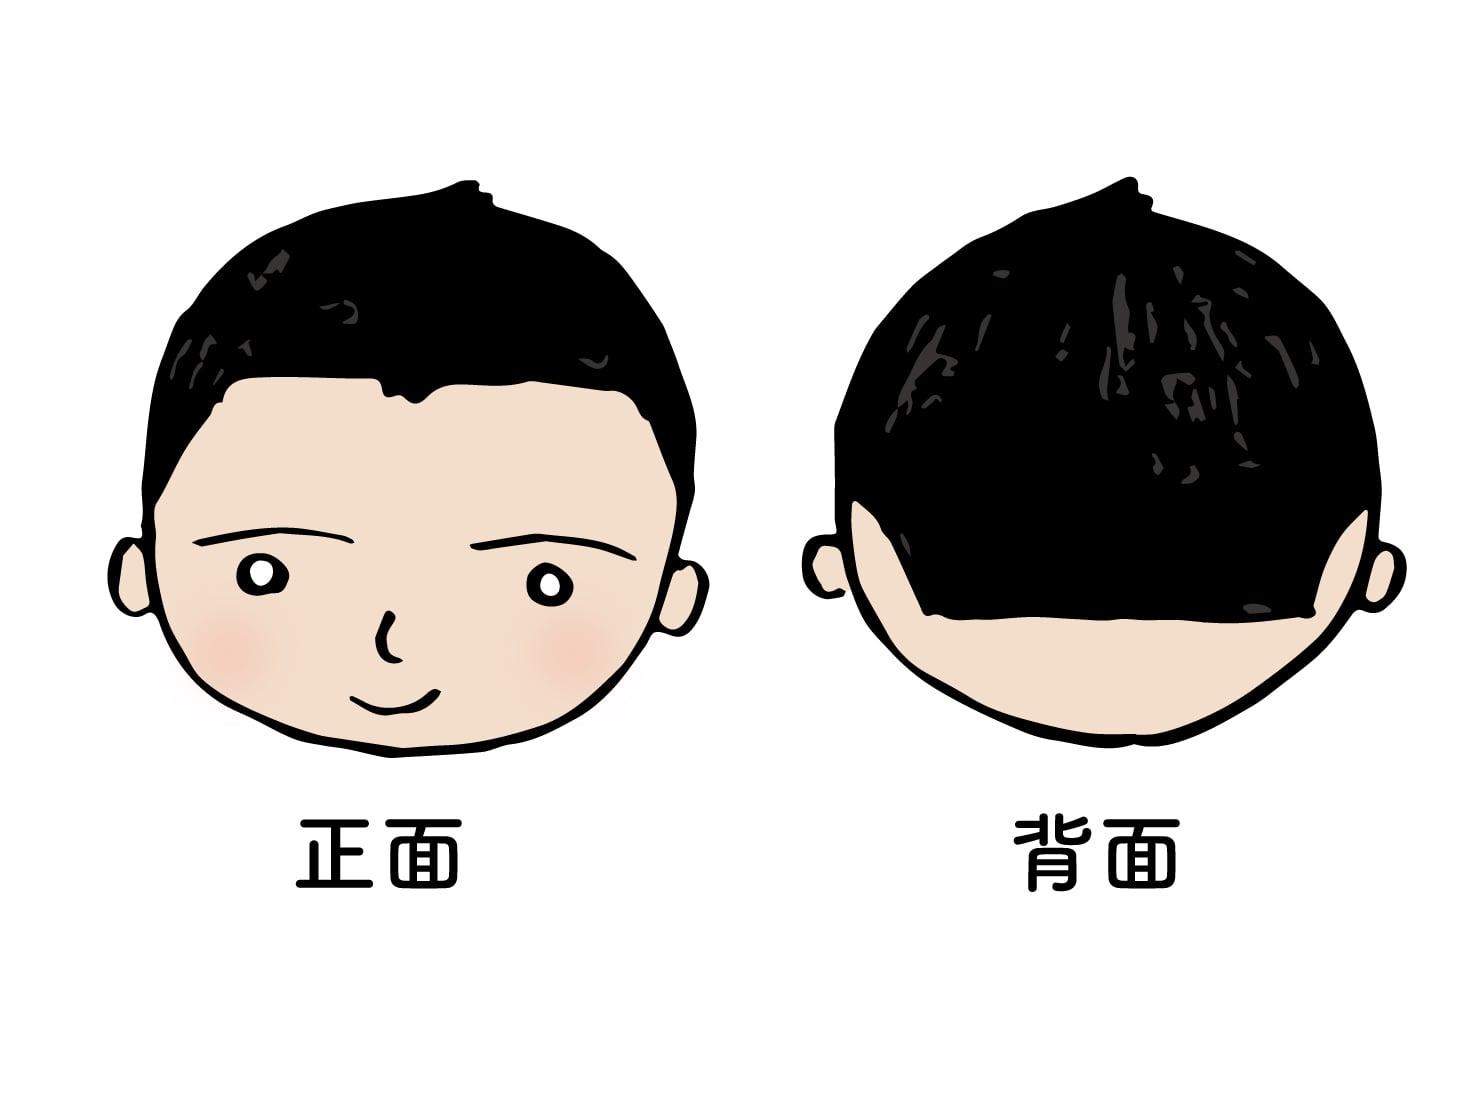 台湾男子御用達のヘアスタイル「ベビー」